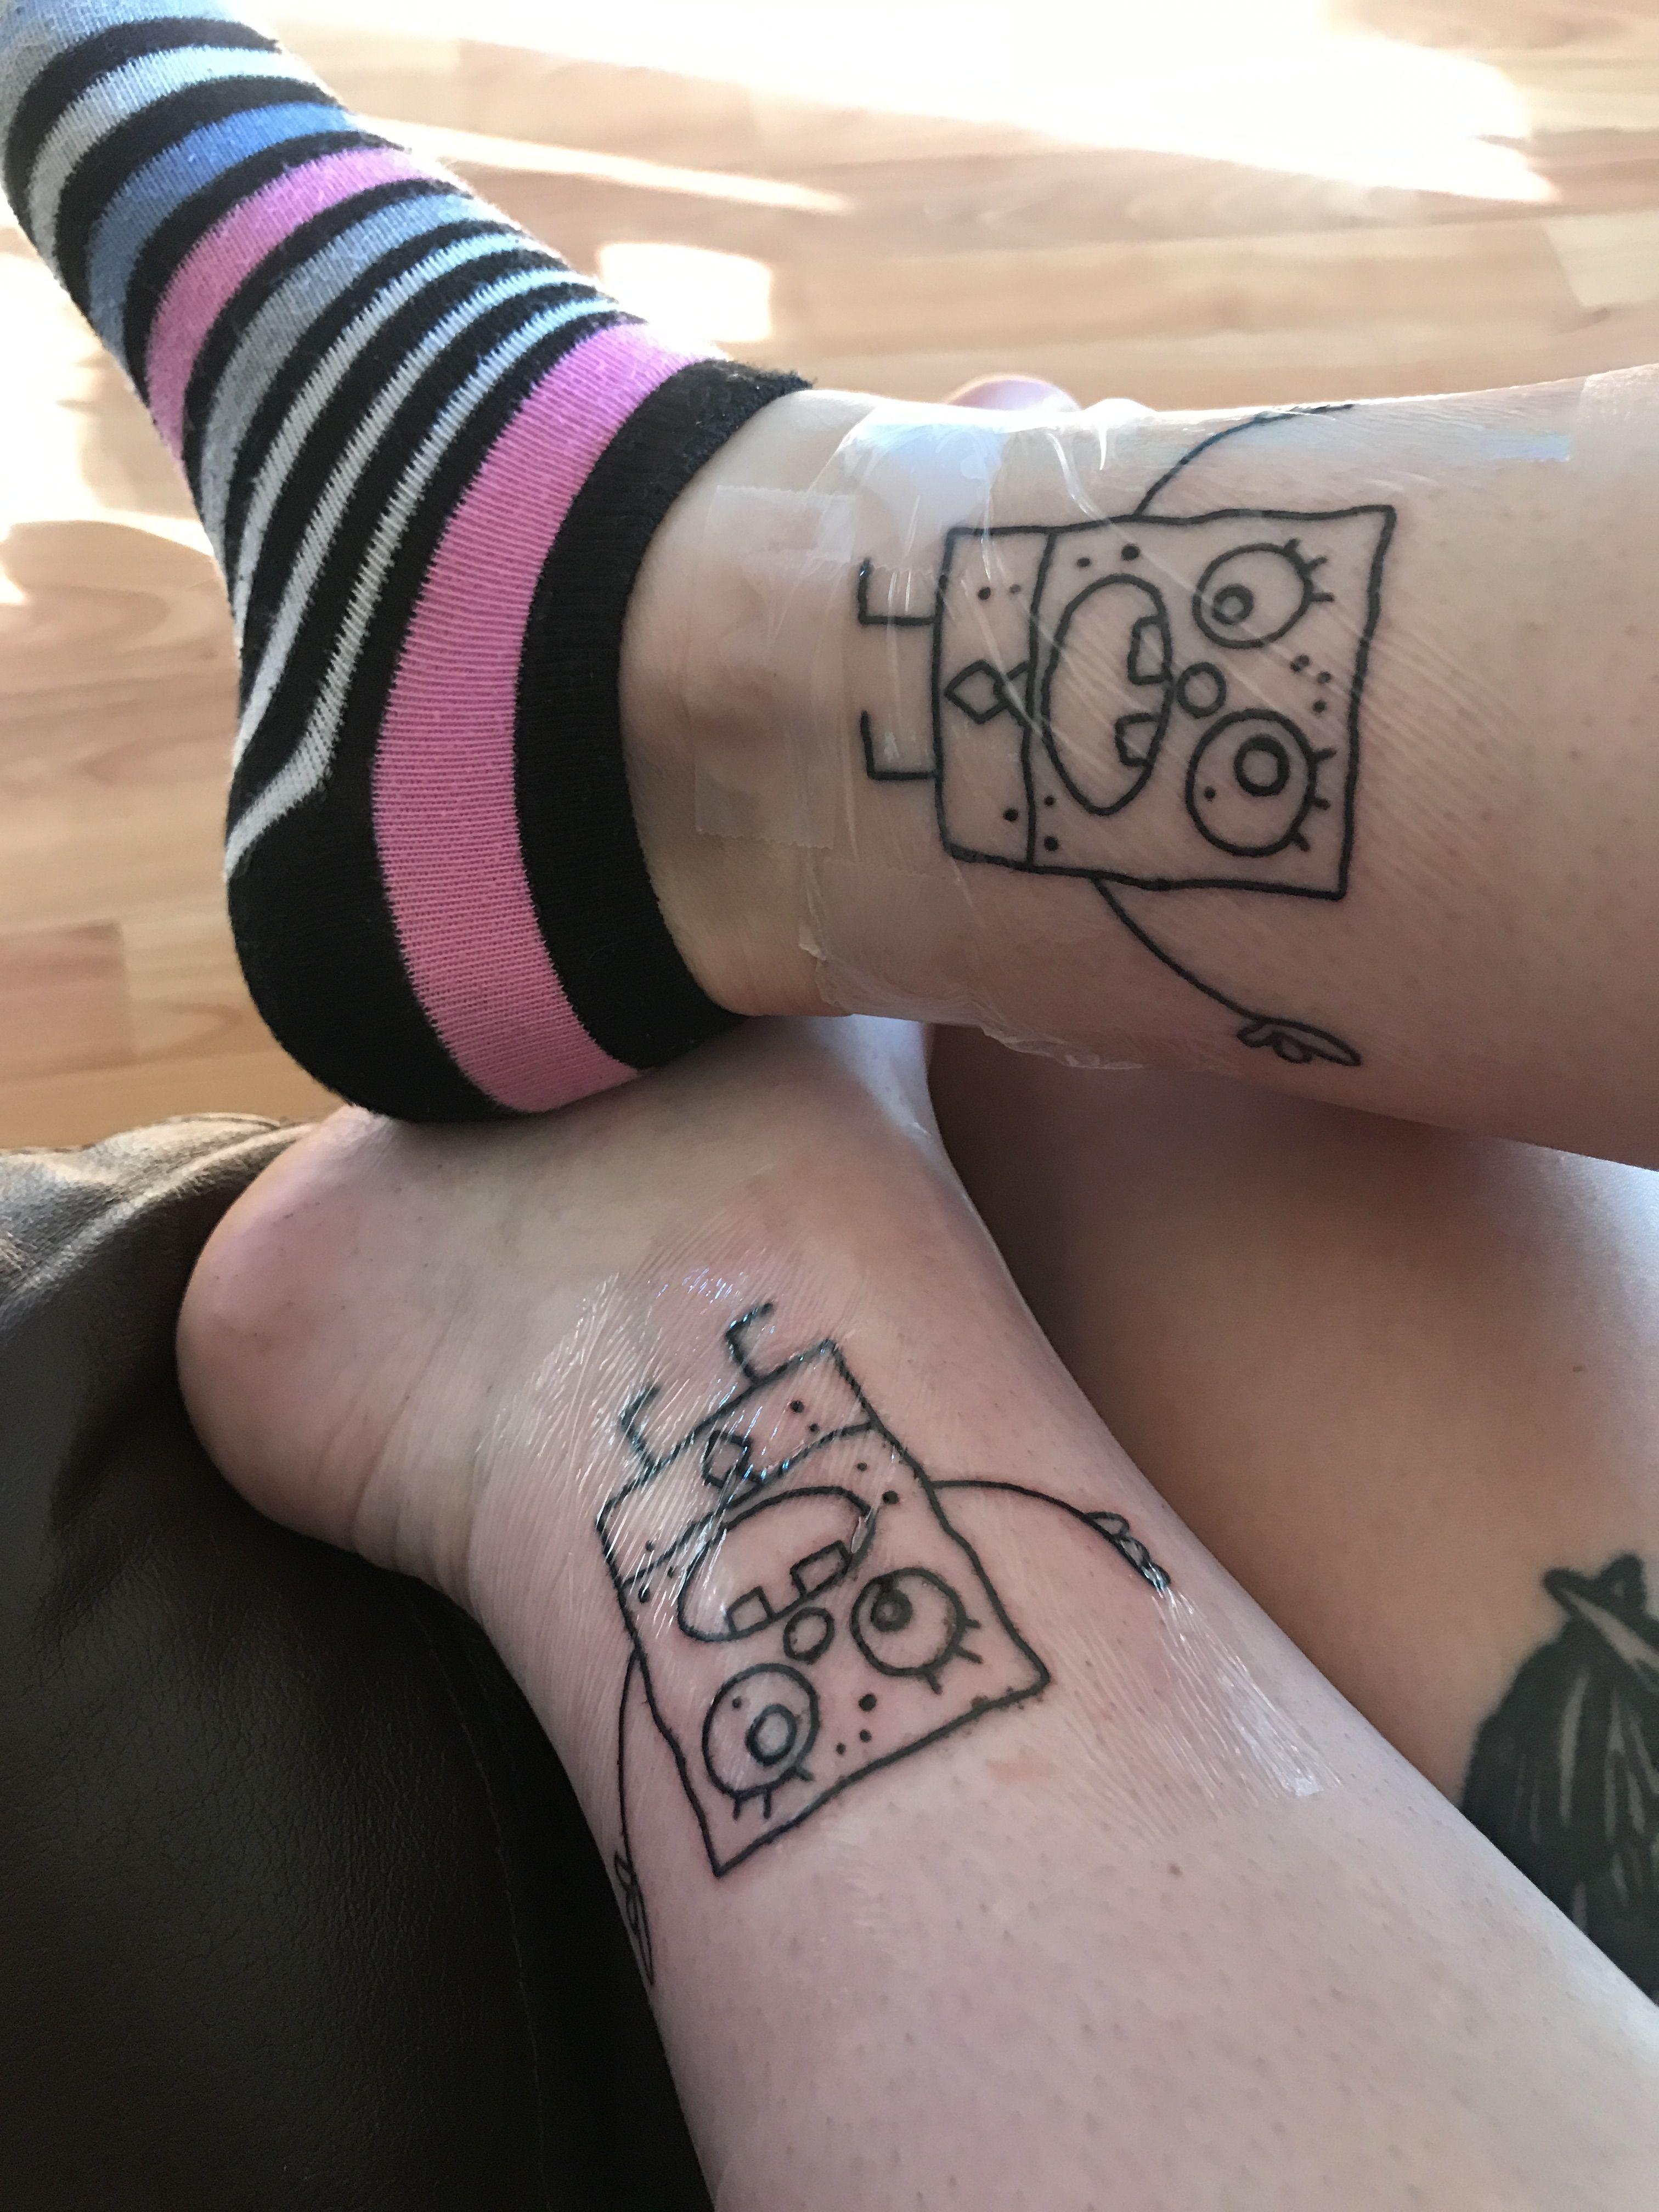 Best friend doodlebob tattoo spongebob wrapped in